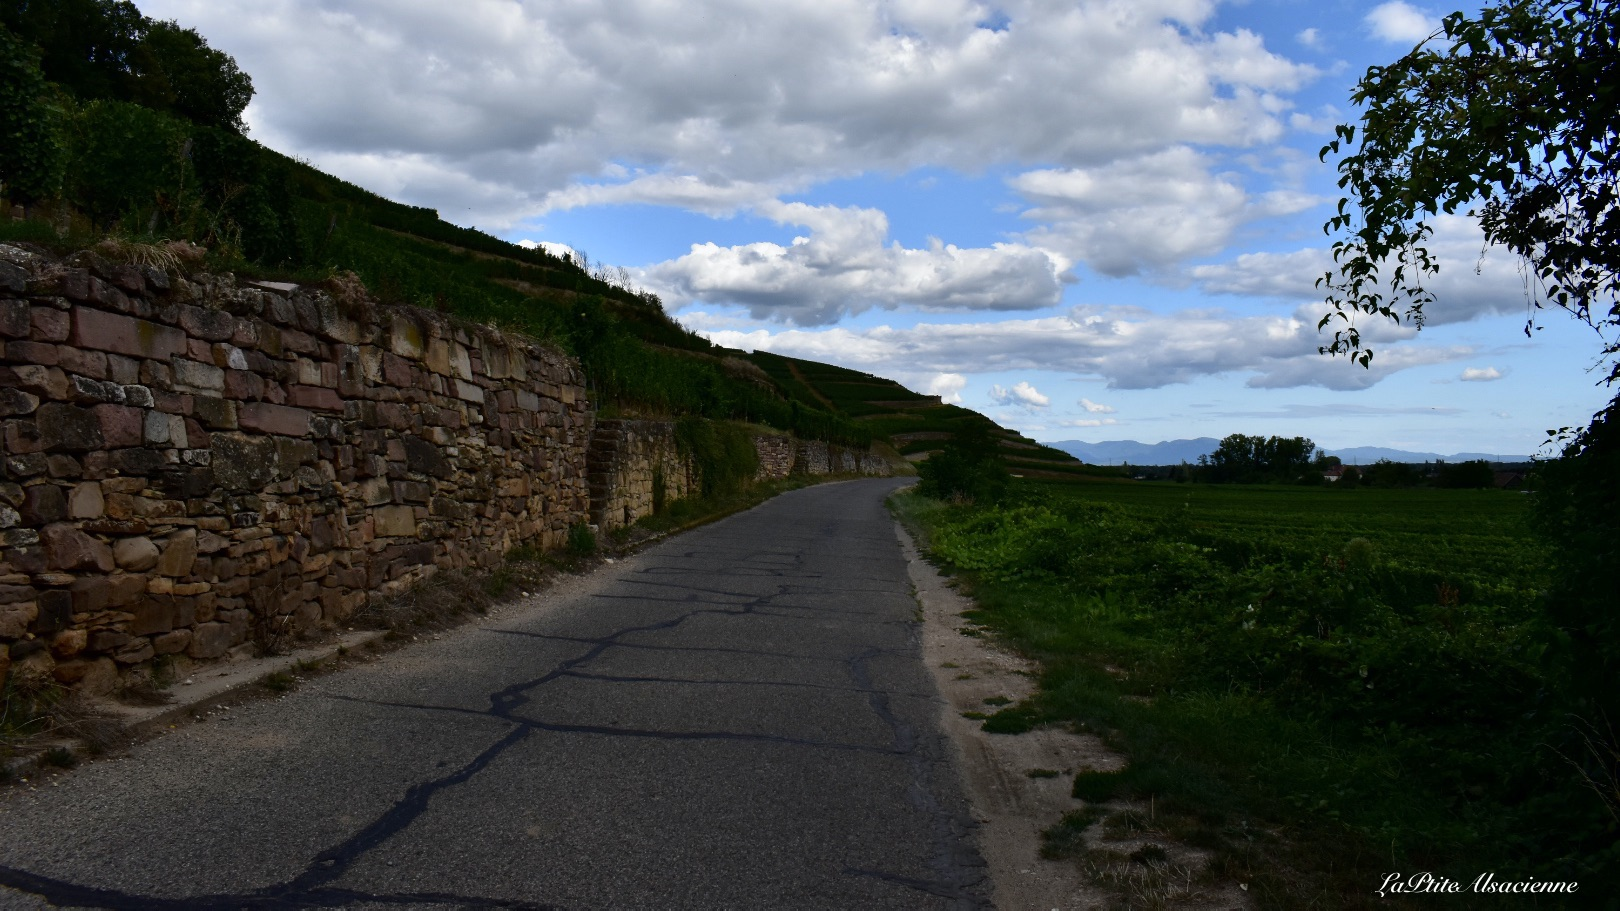 Piste cyclable et route de vignoble depuis Westhalten - Photo de Cendrine Miesch dite LaPtiteAlsacienne